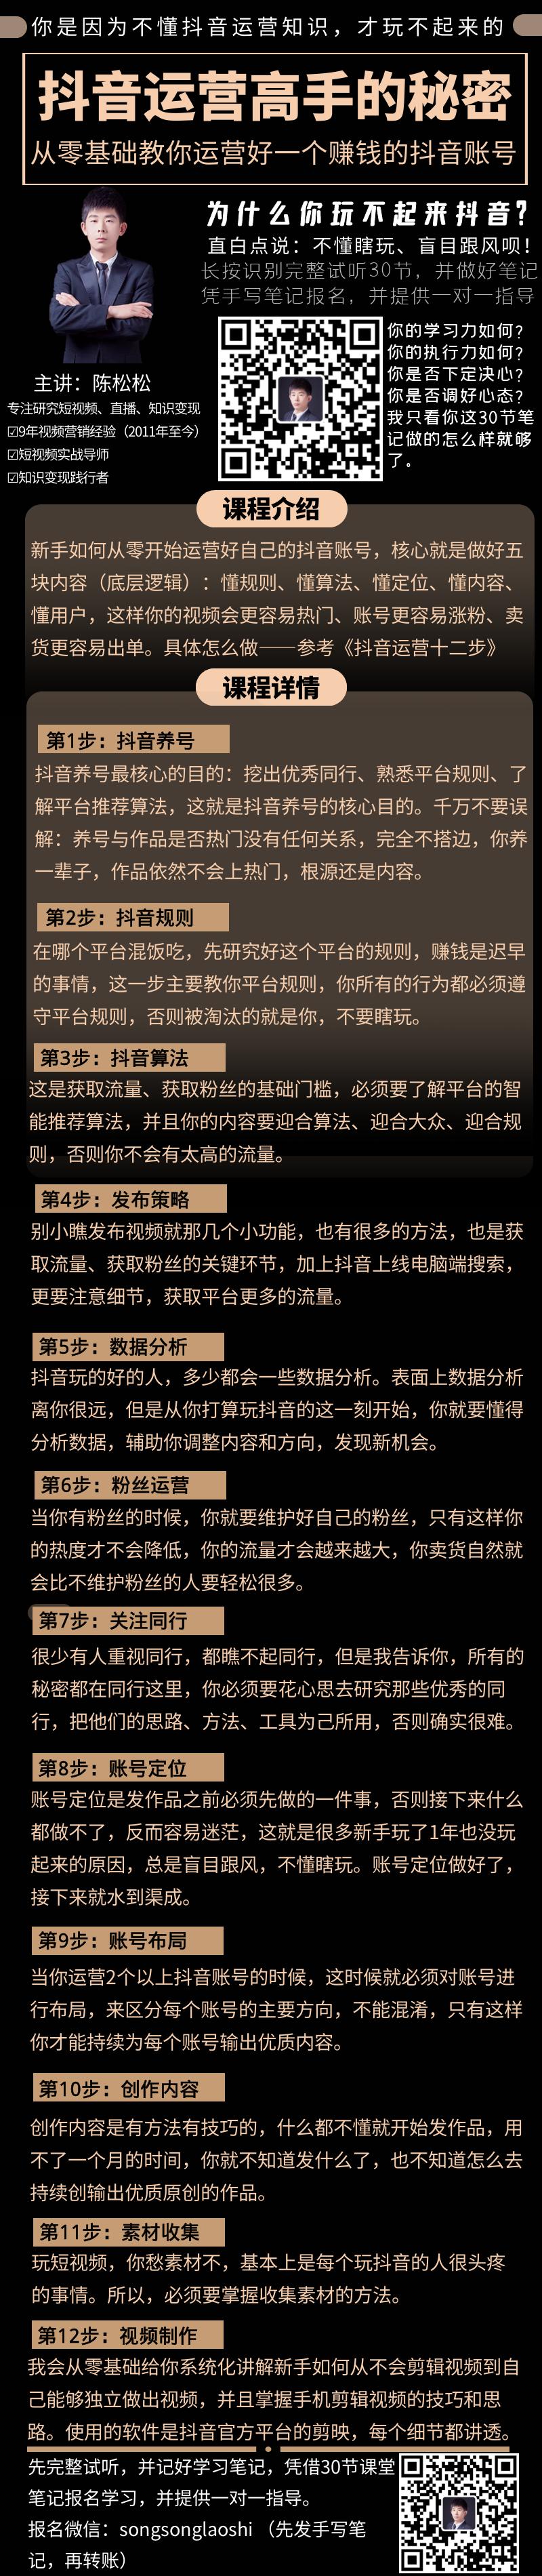 再次升级:抖音运营高手的秘密4.0